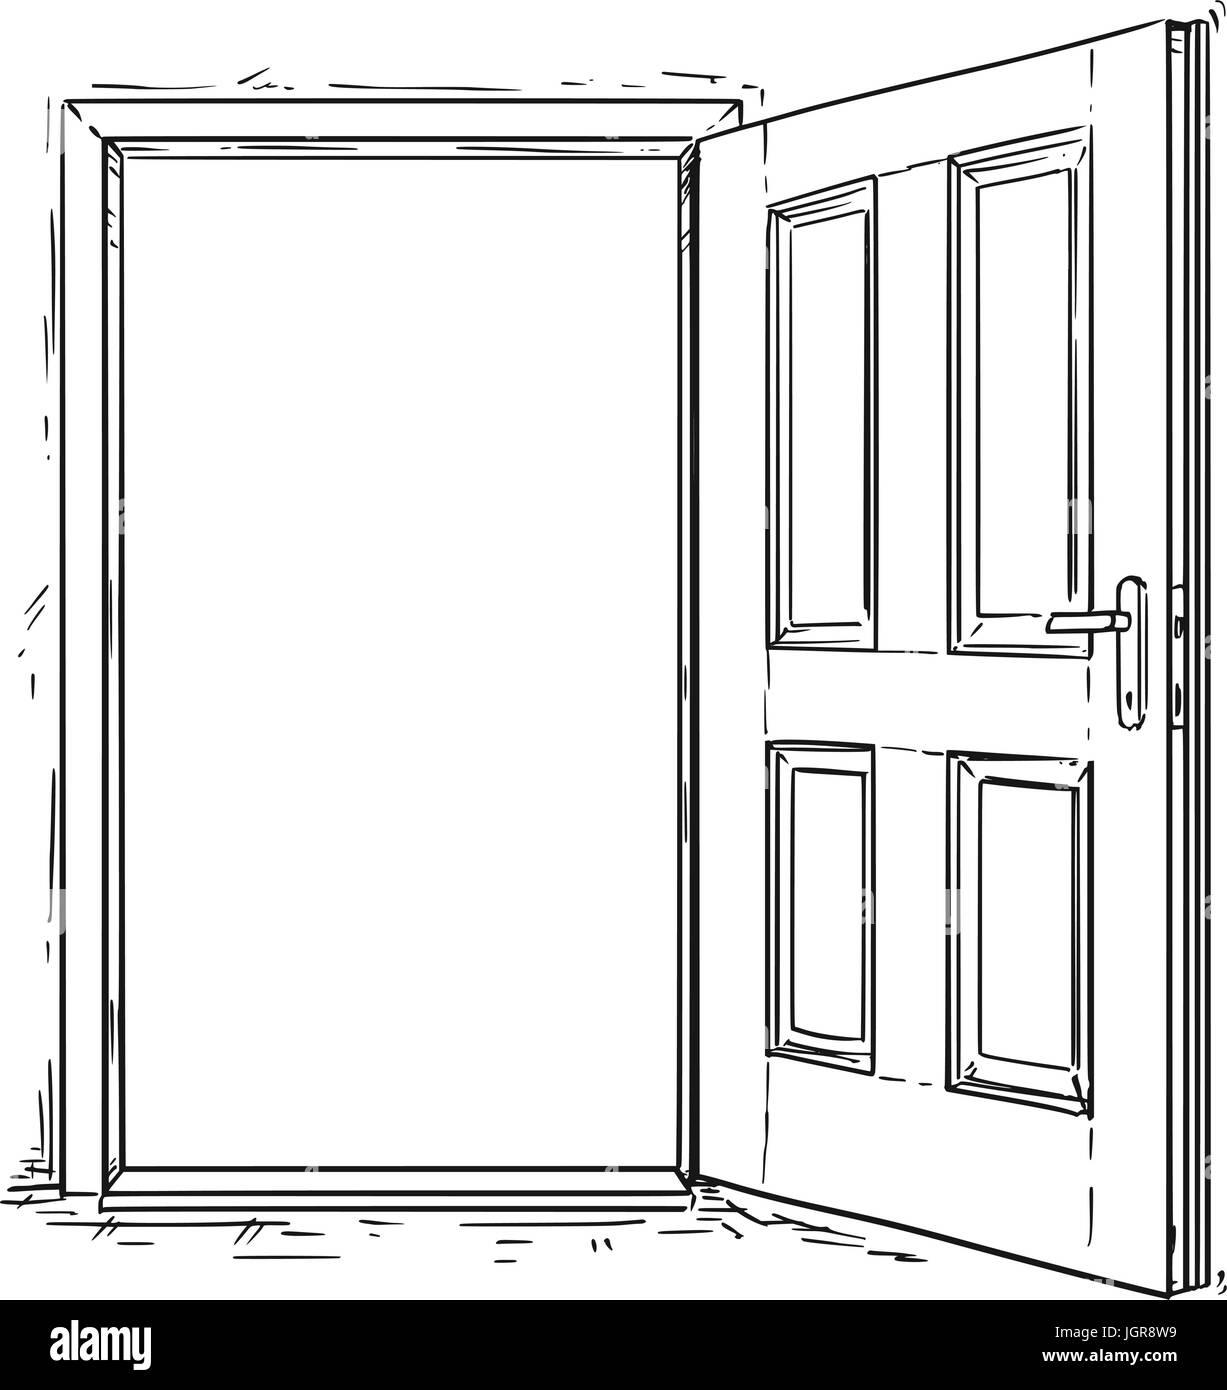 Vektor cartoon von eleganten h lzernen t r ffnen vektor for Schlusseldienst tur offnen